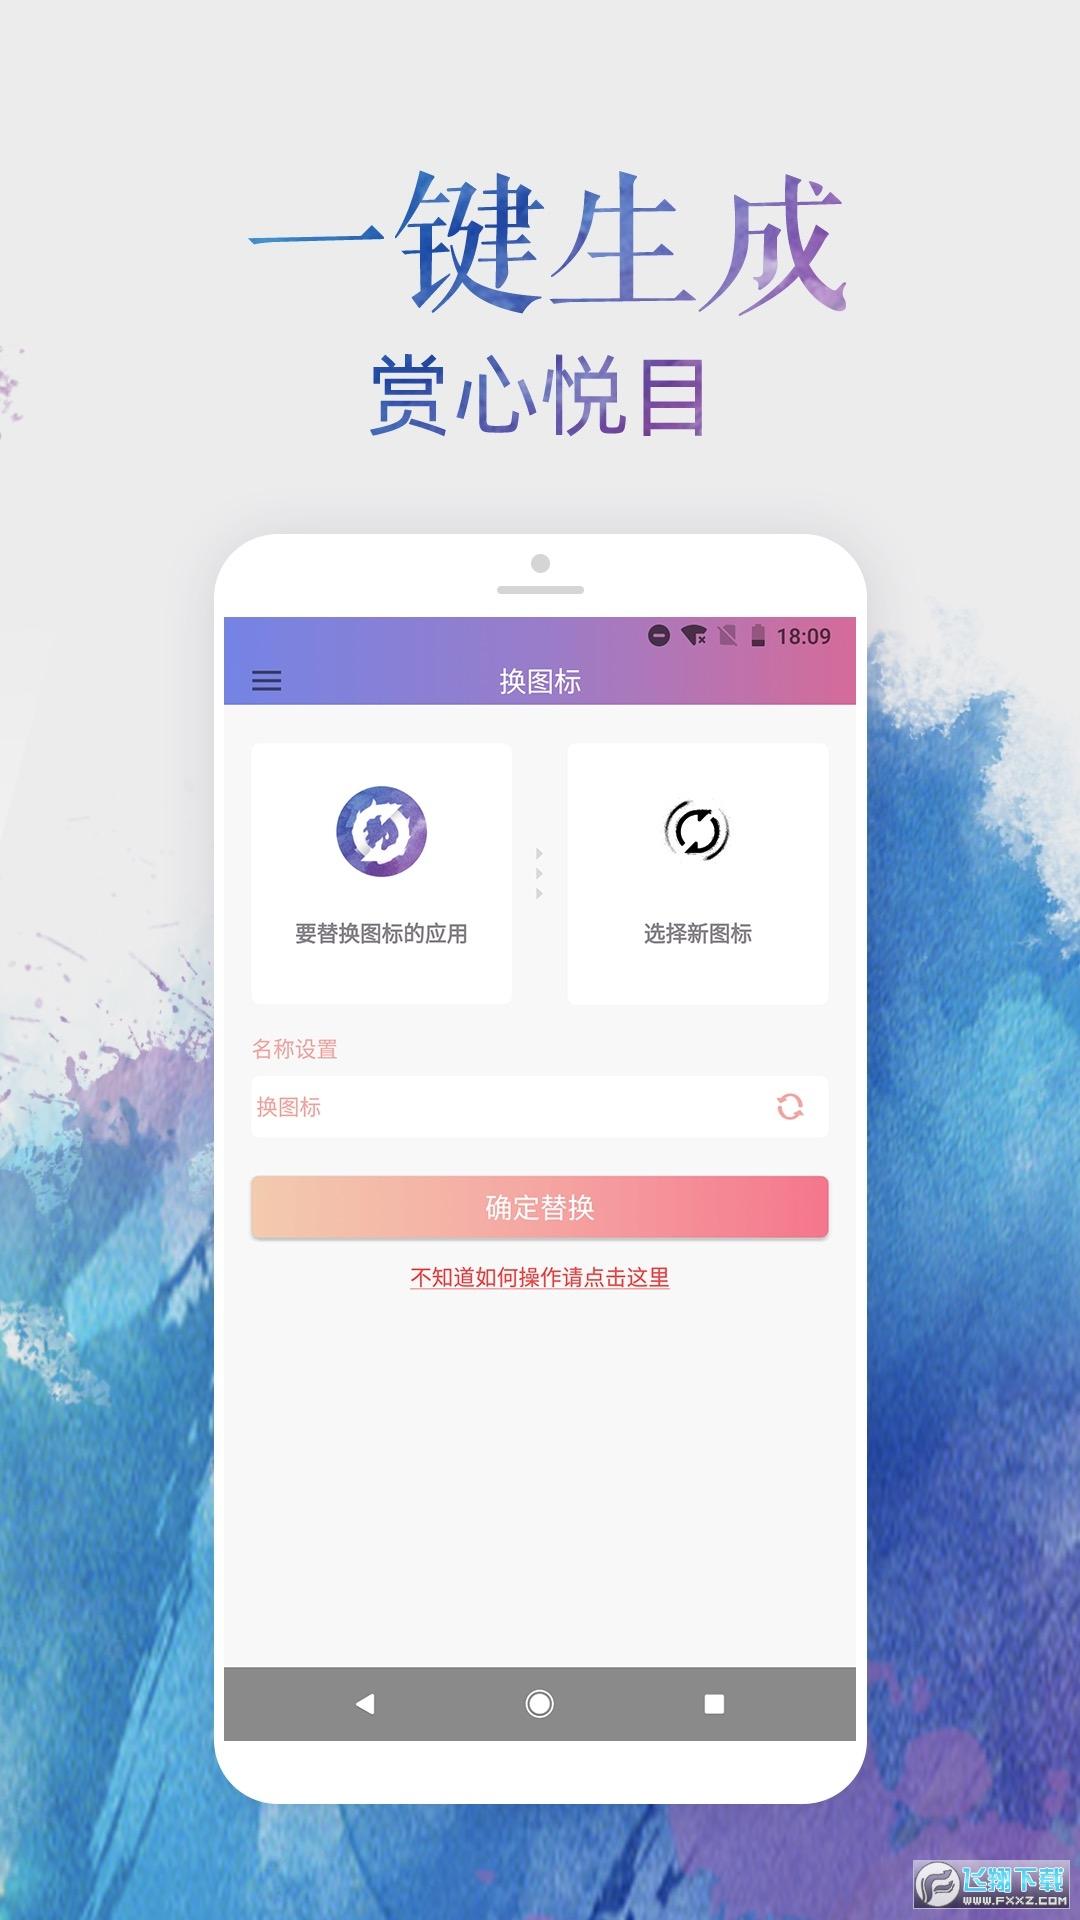 王者荣耀自定义换图标app2.7.9安卓版截图2